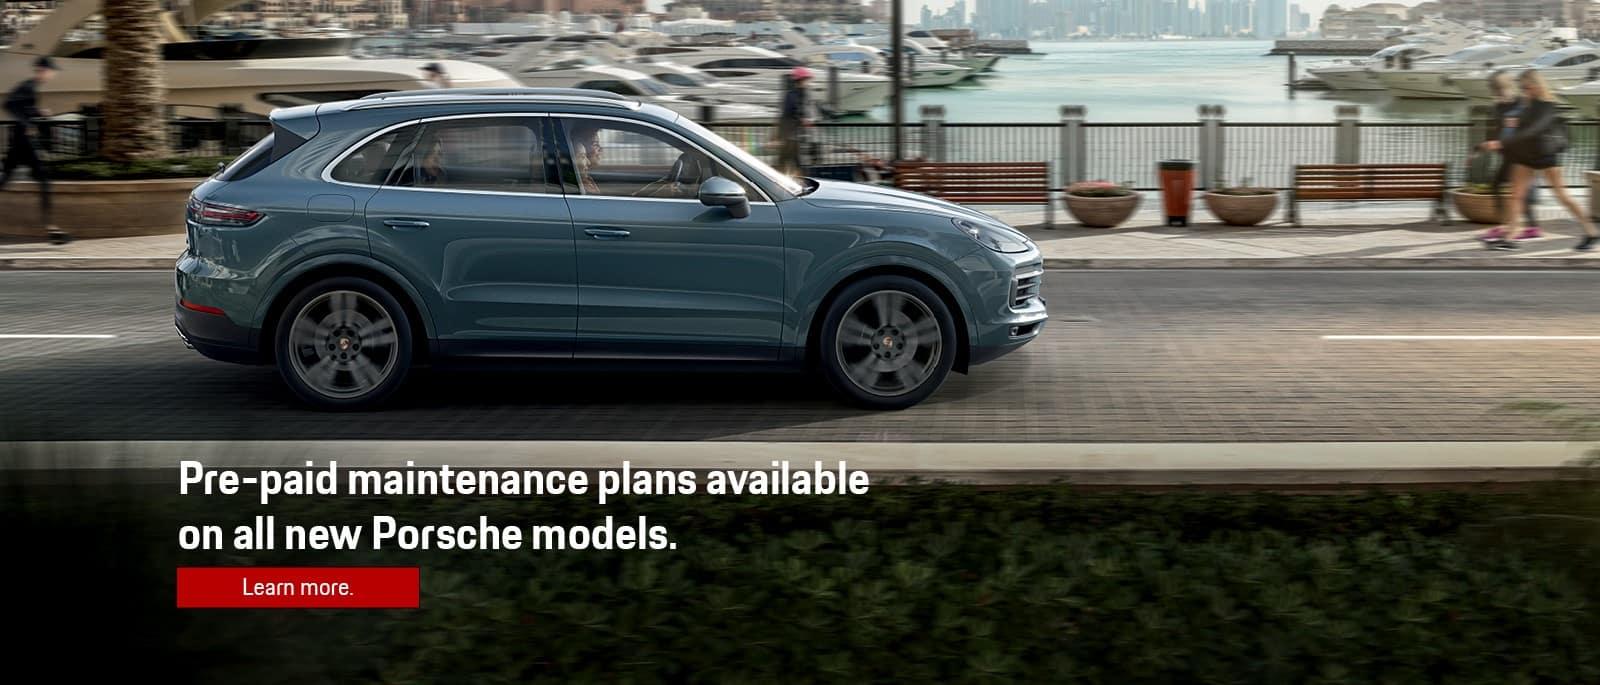 Porsche Pre-Paid Maintenance Plans